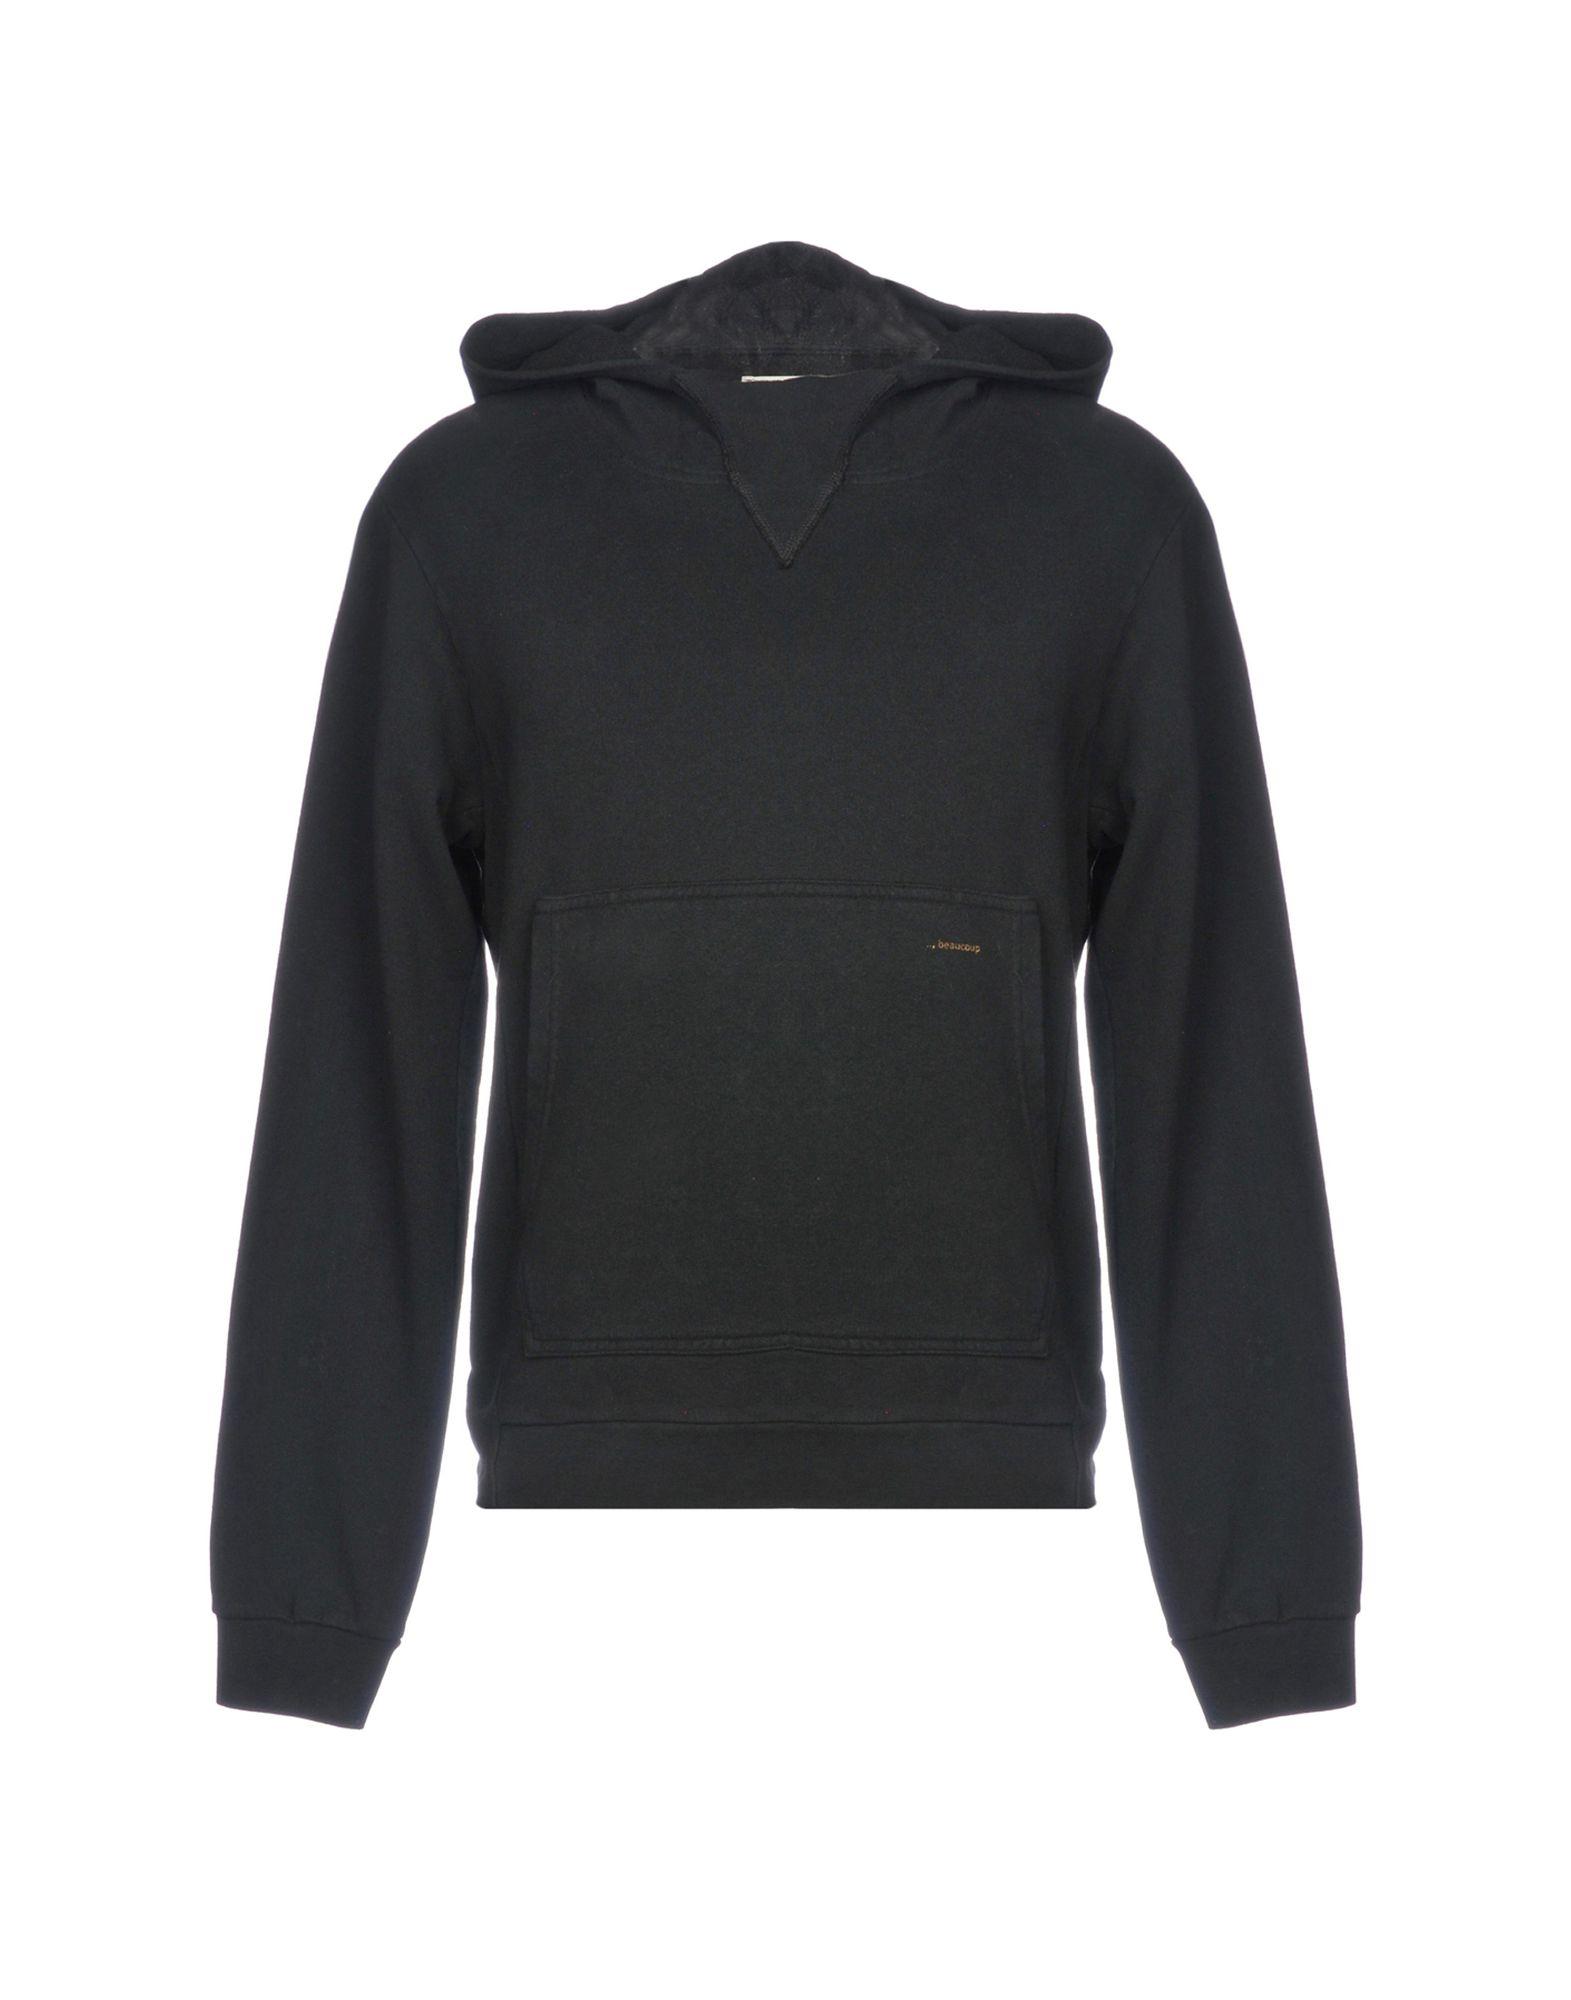 《送料無料》,BEAUCOUP メンズ スウェットシャツ ブラック S コットン 100%